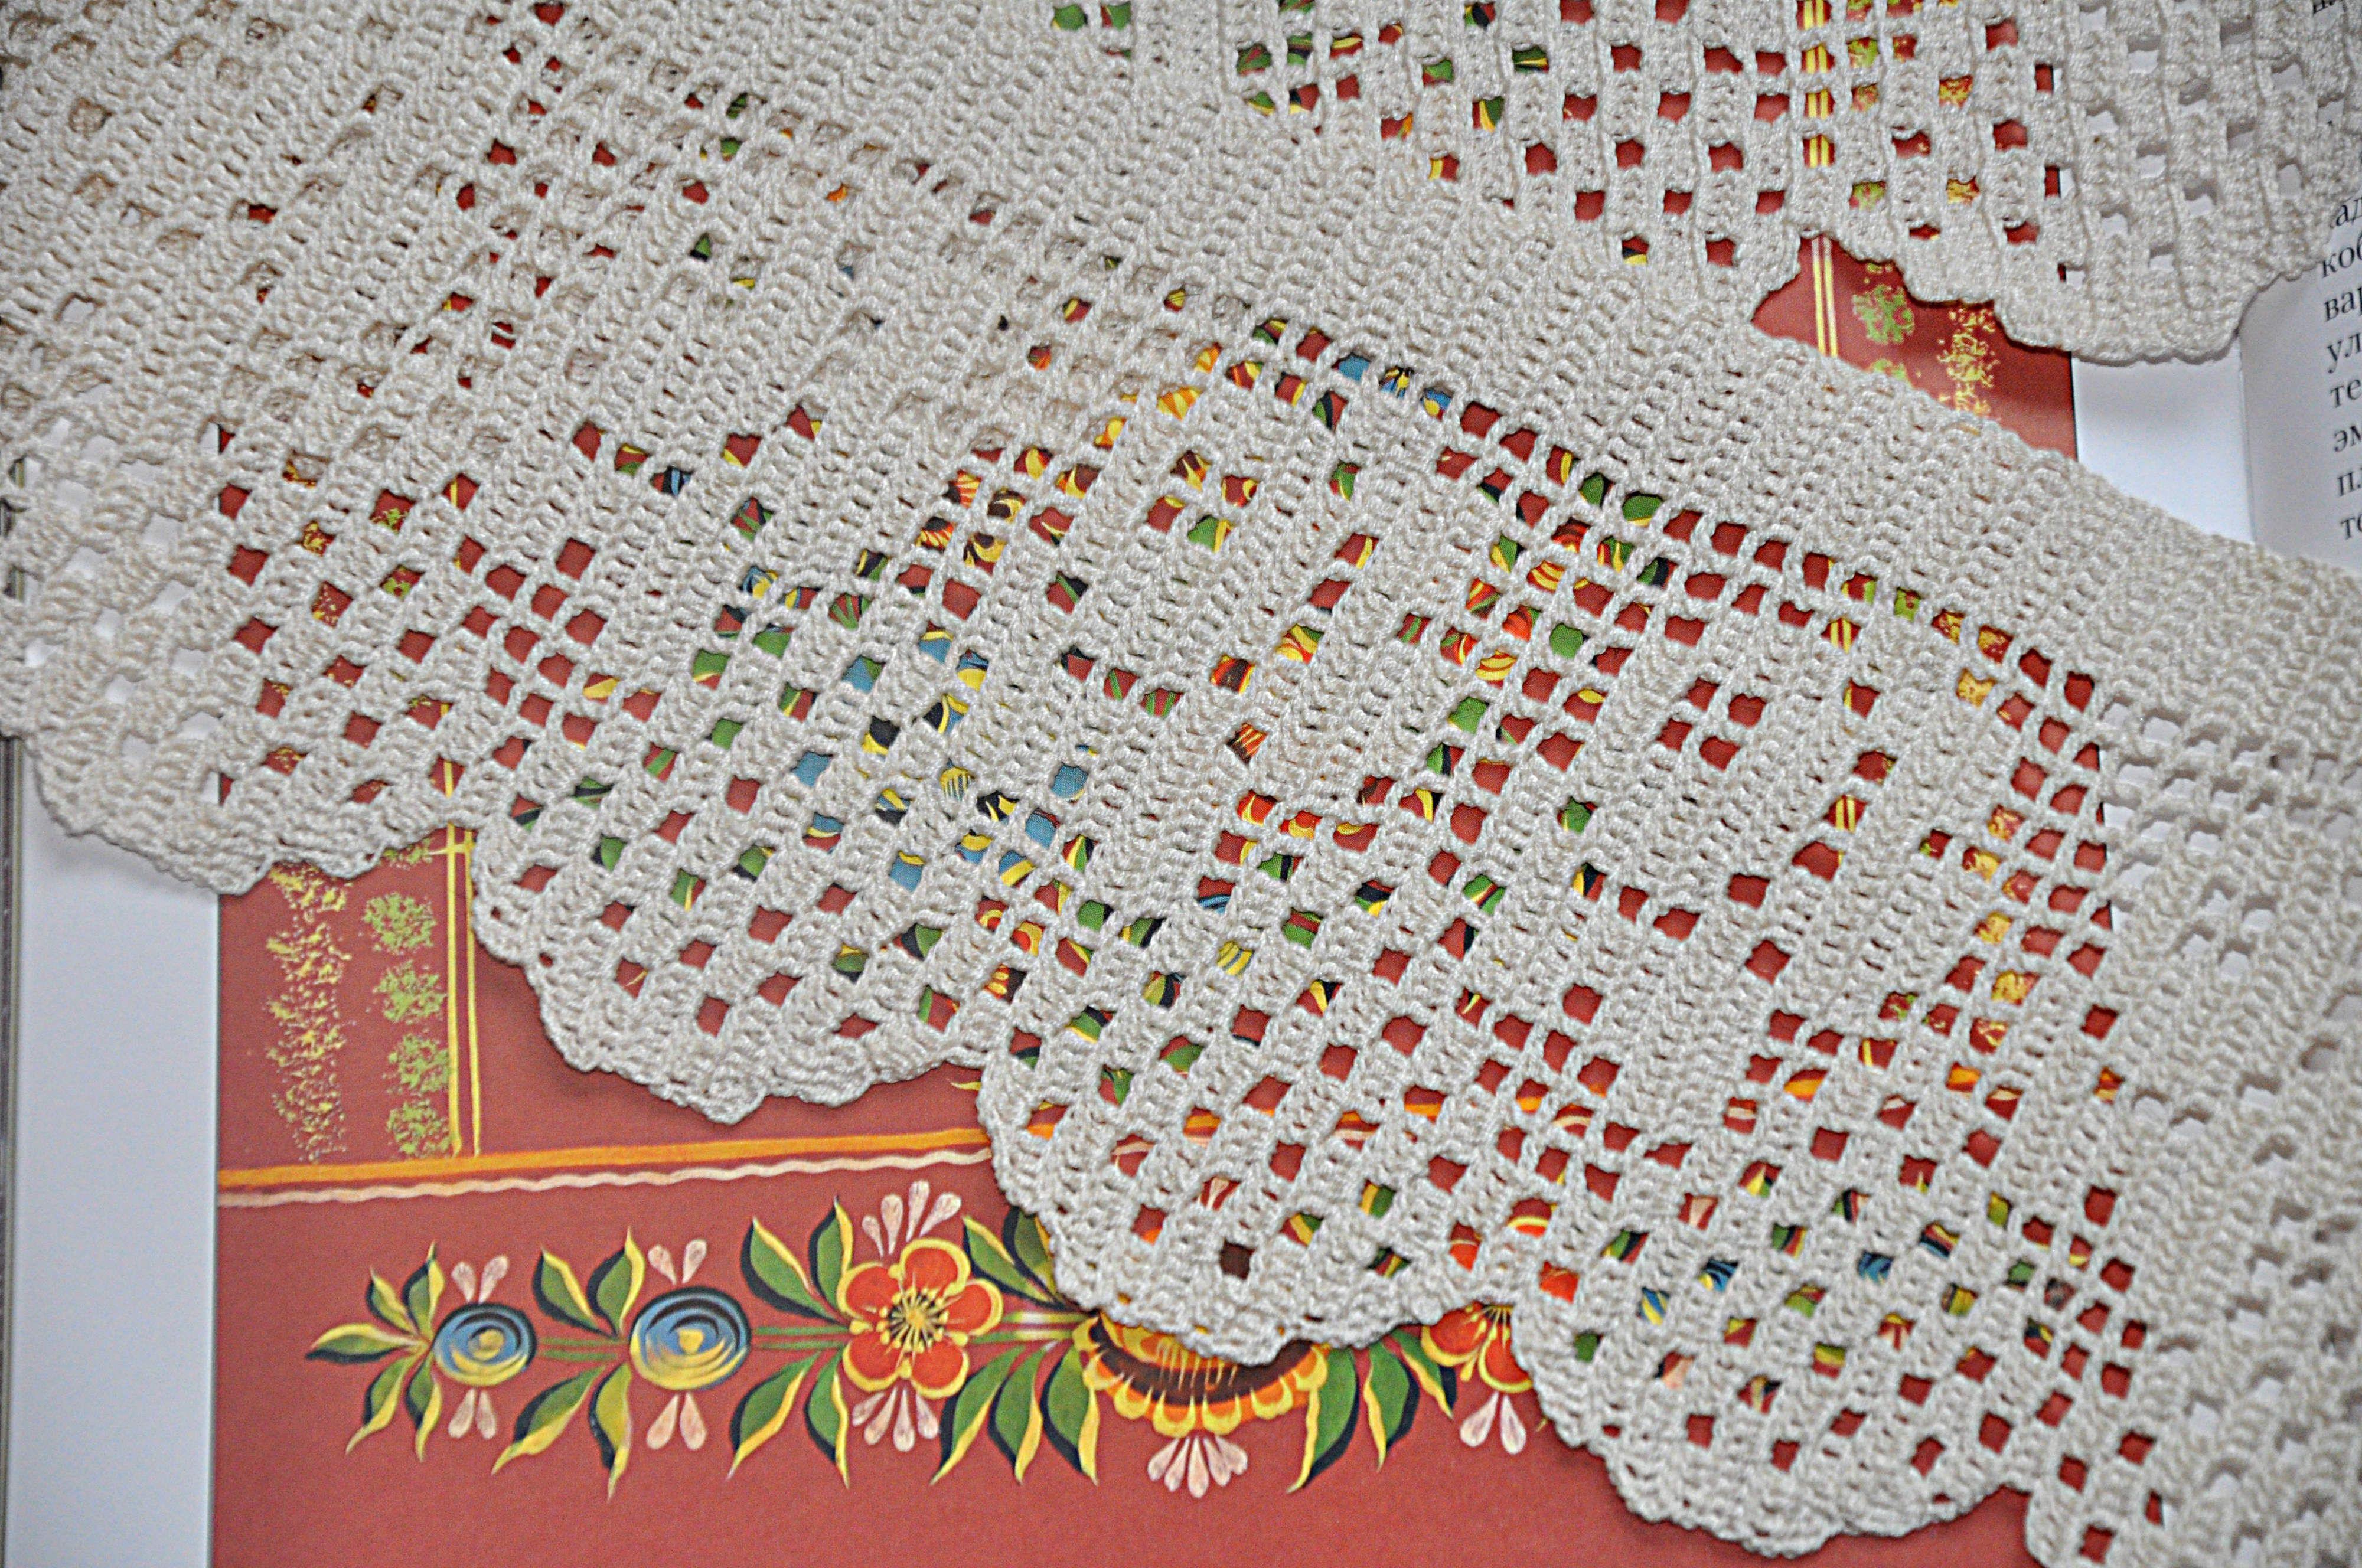 шик филейное отделки кружевная кайма бозо хлопковое винтажное вязание для кружево прованс шеби ручное стиль